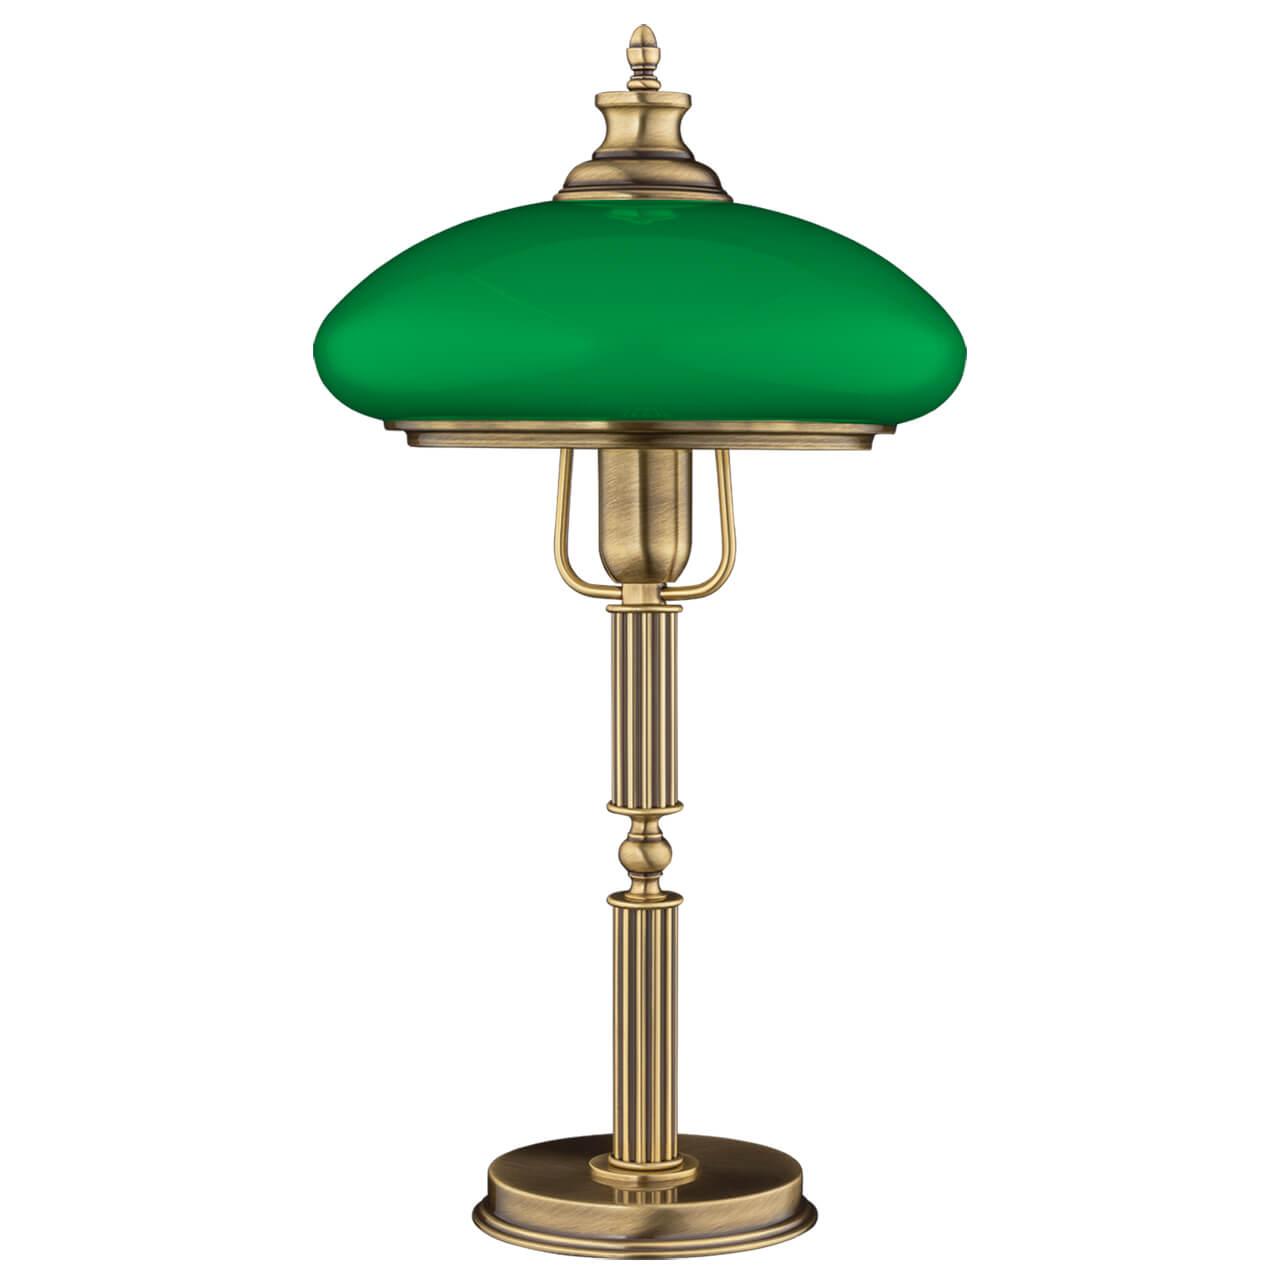 Настольная лампа Kutek Sorrento New SOR-LG-1 (P) GR lg gr m802hmhm